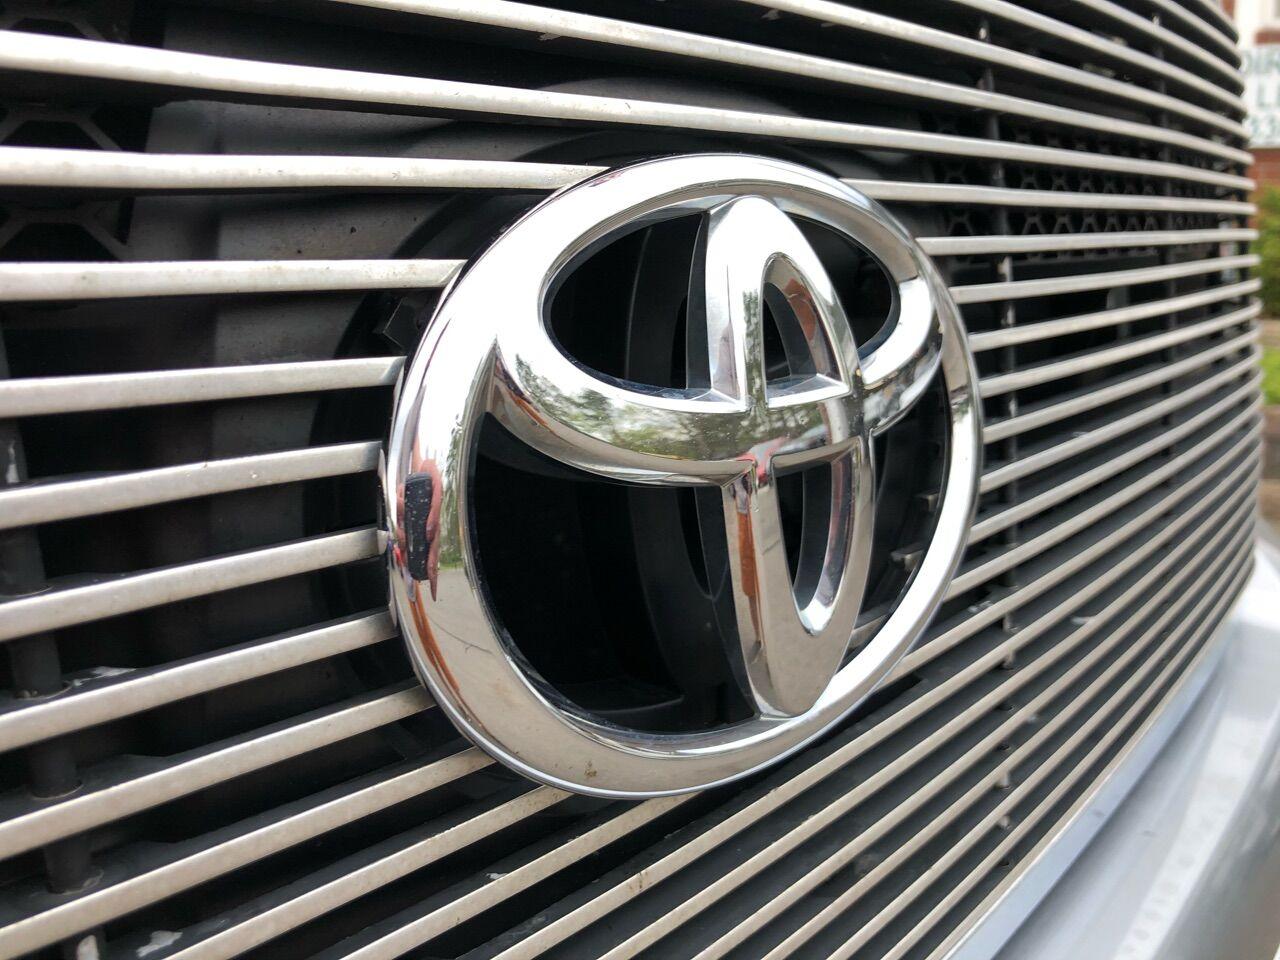 2011 Toyota Tundra Short Bed